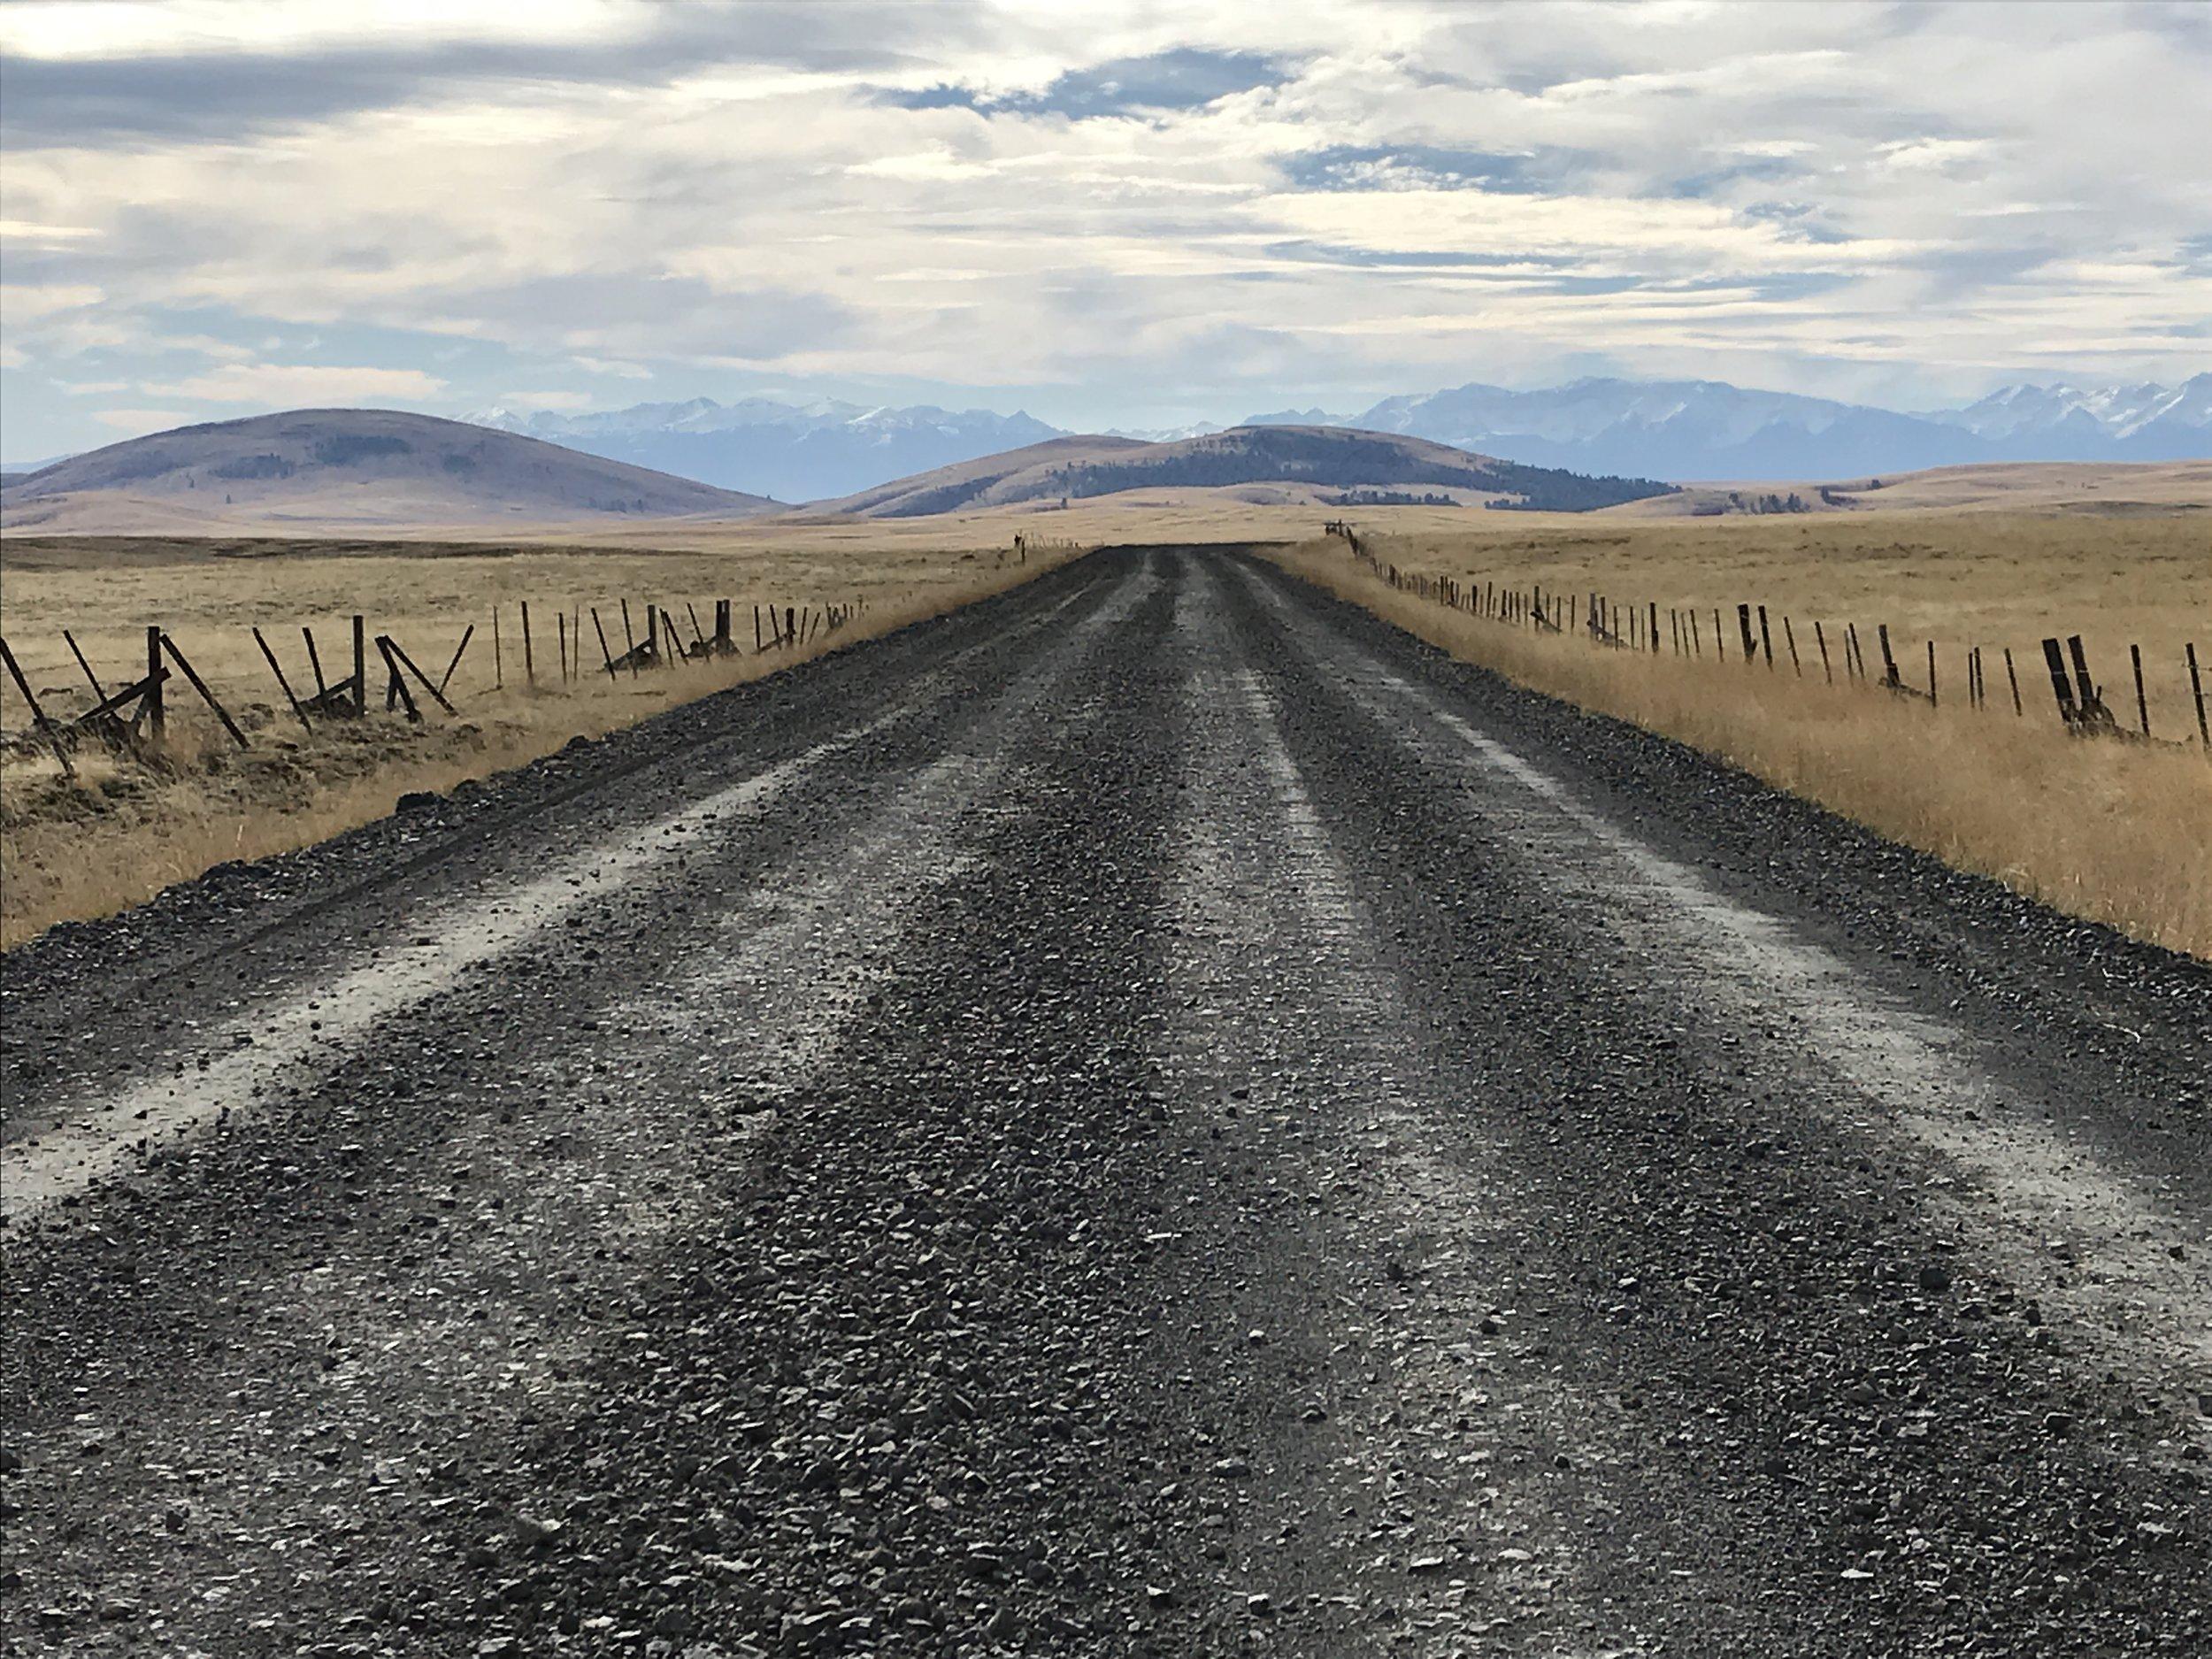 Zumwalt-Buckhorn Road (aka Zumwalt Road), the Findley Buttes of Zumwalt Preserve, and the Wallowa Mountains.